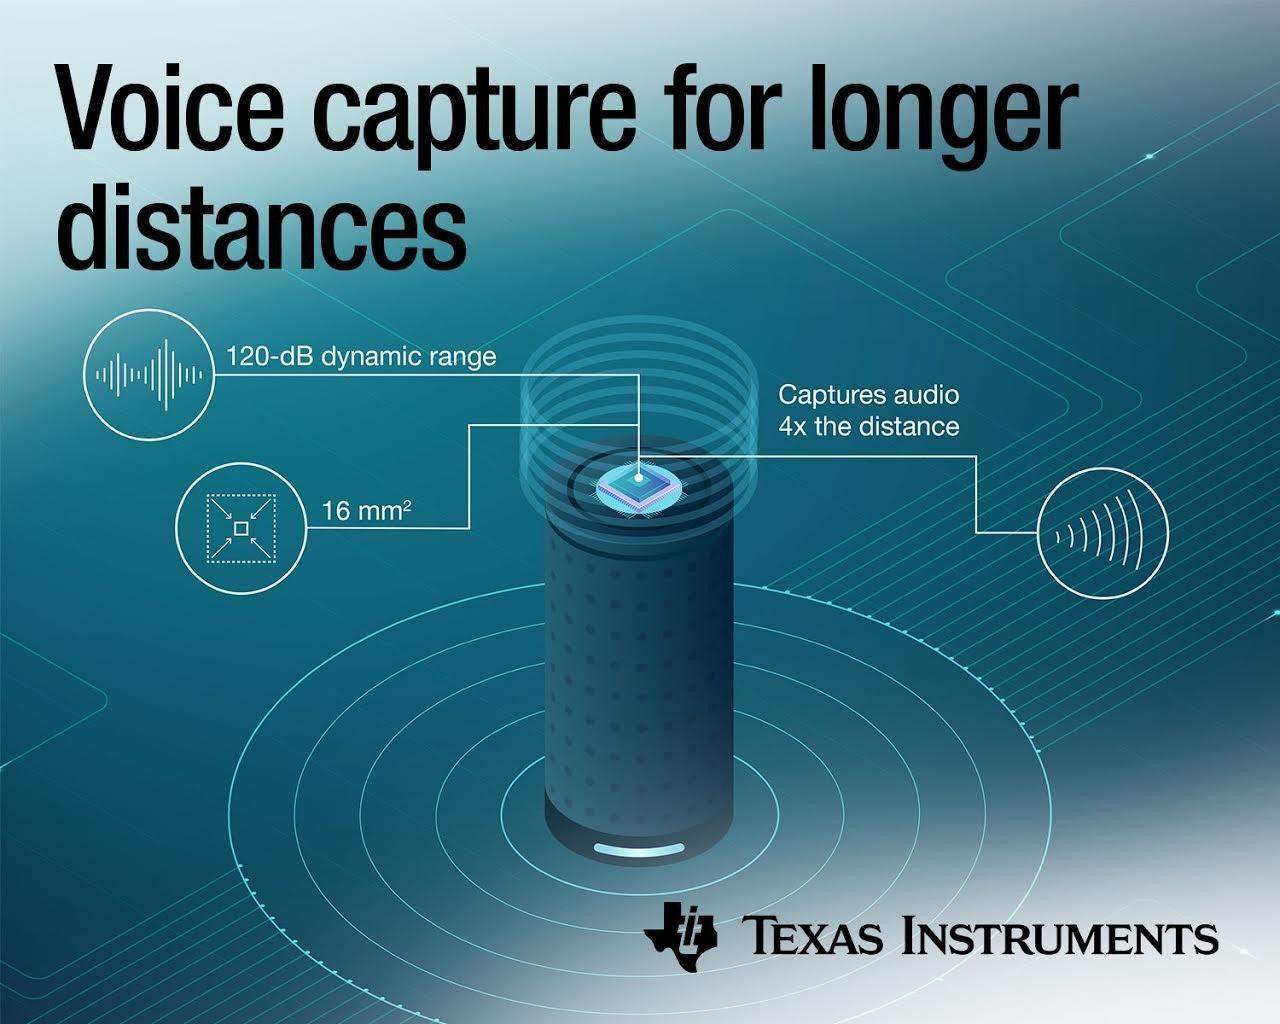 照片中提到了Voice capture for longer、distances、120-dB dynamic range,跟德州儀器有關,包含了德州儀器、Burr-Brown公司、智能音箱、牌